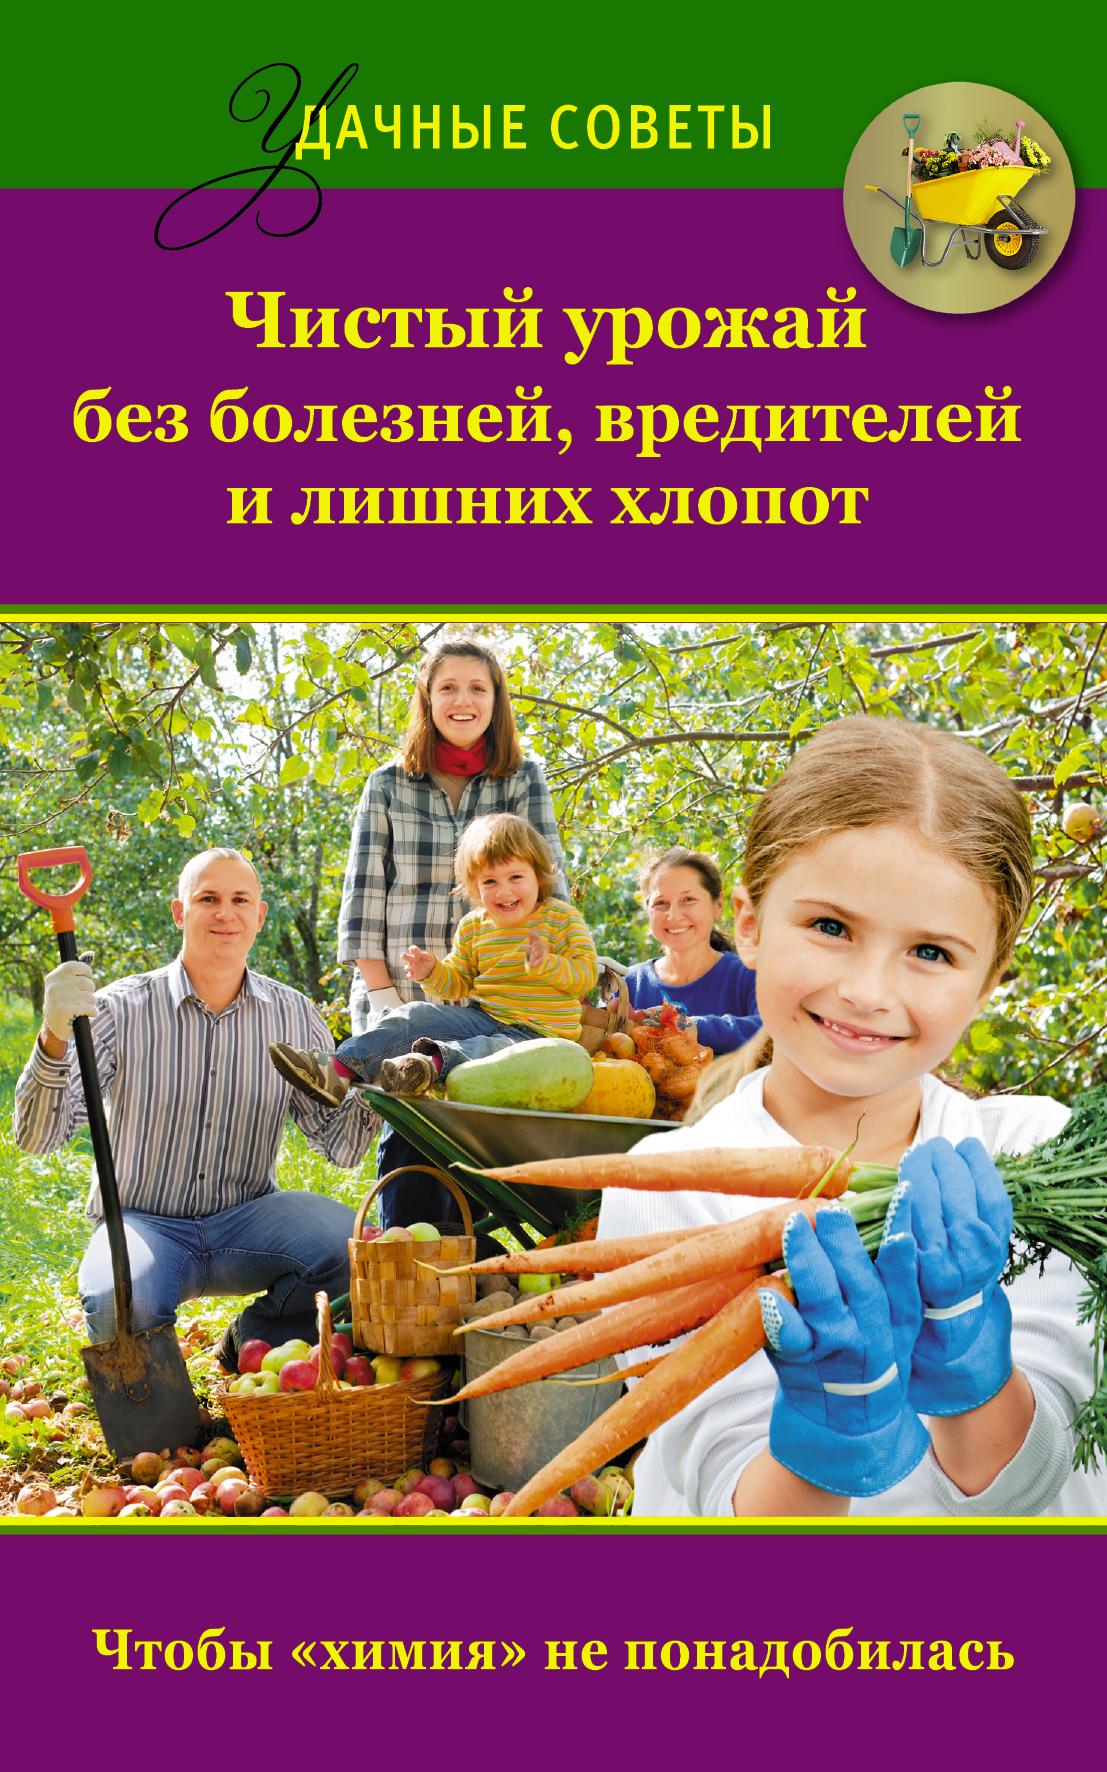 . Чистый урожай без болезней, вредителей и лишних хлопот кормилица грядка как вырастить большой урожай картофеля без химии и хлопот на любой почве